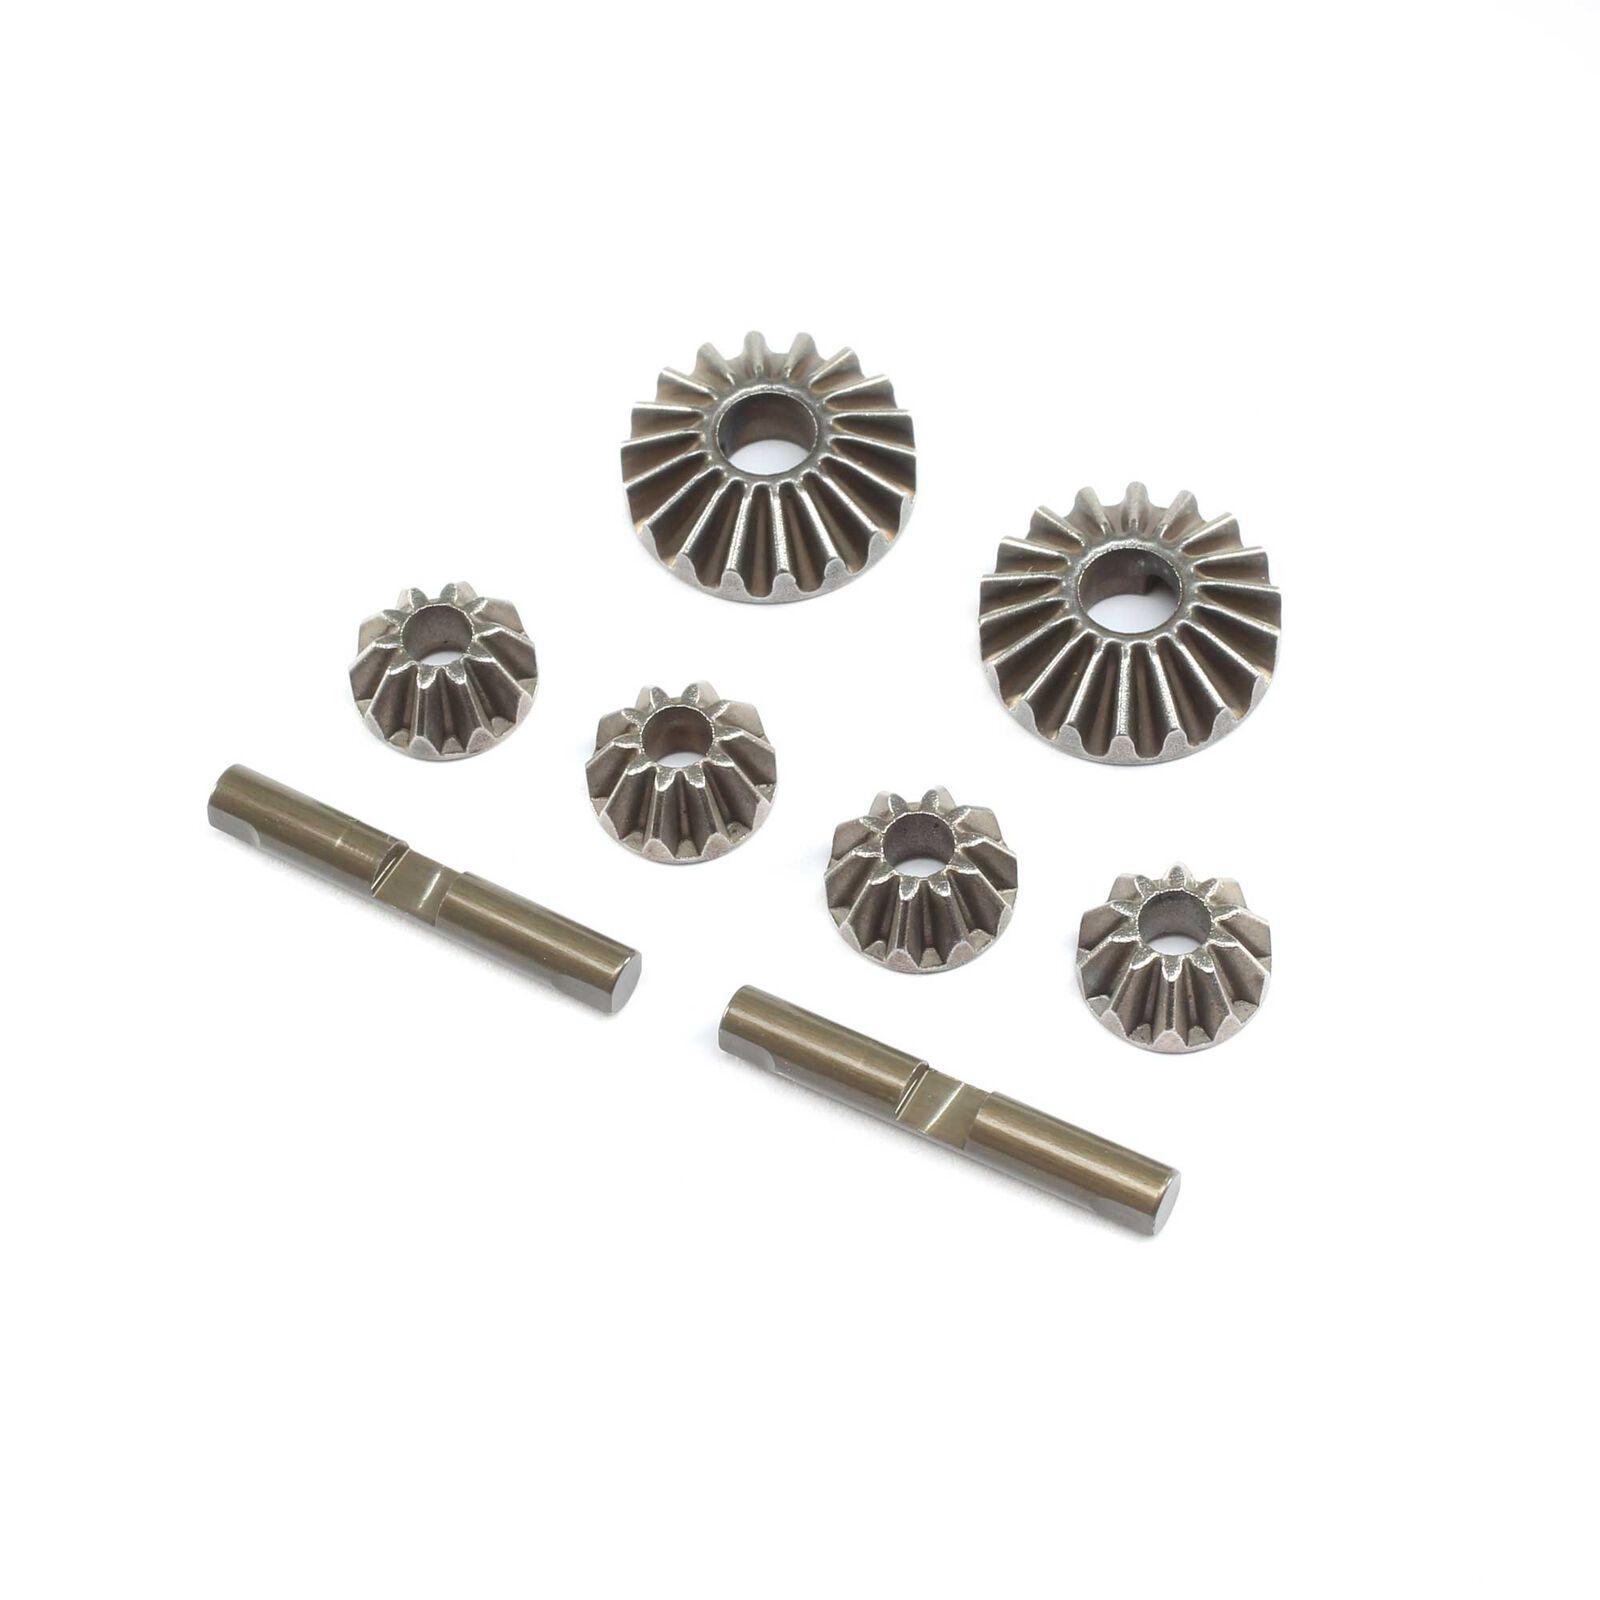 Diff Gear & Cross Pin Set Metal: 22X-4